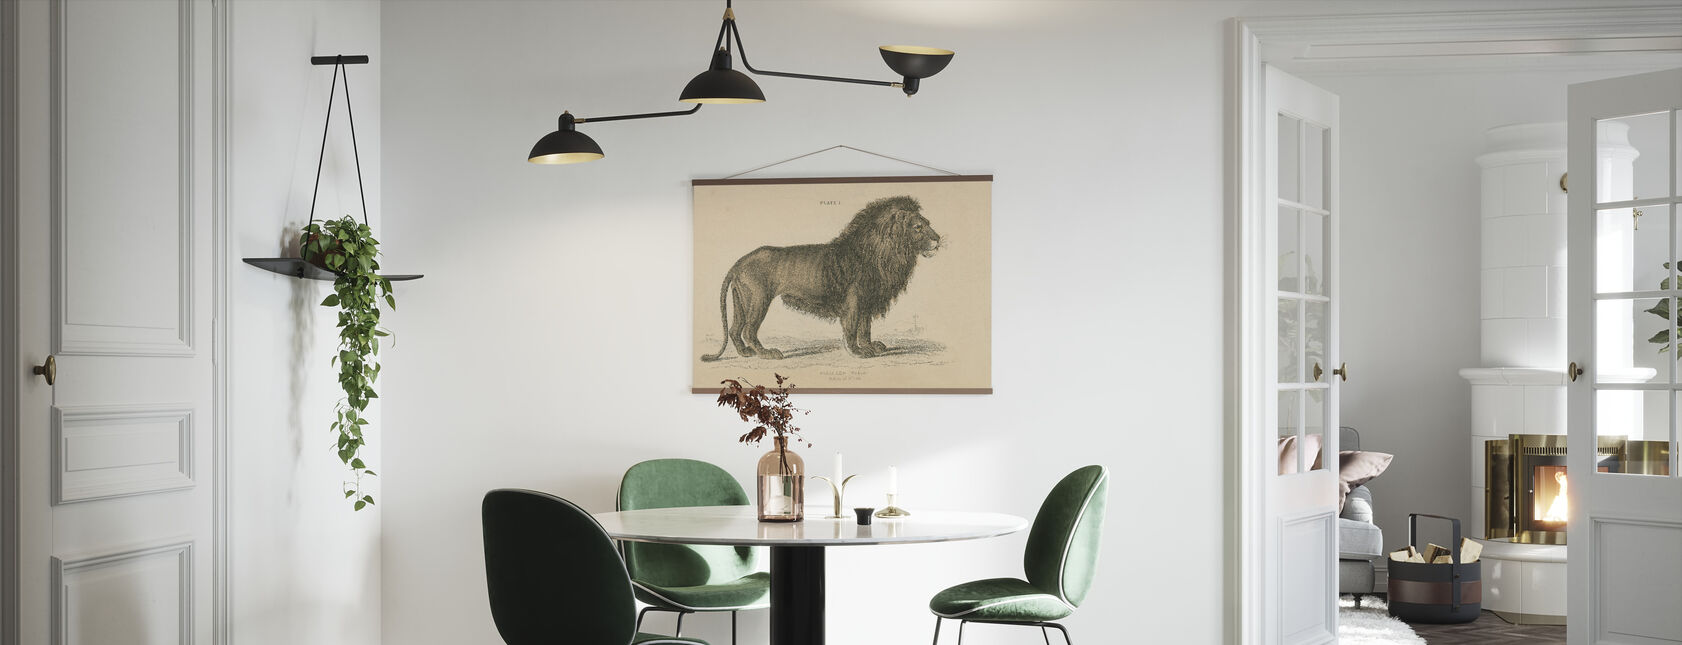 Vintage Lion - Juliste - Keittiö